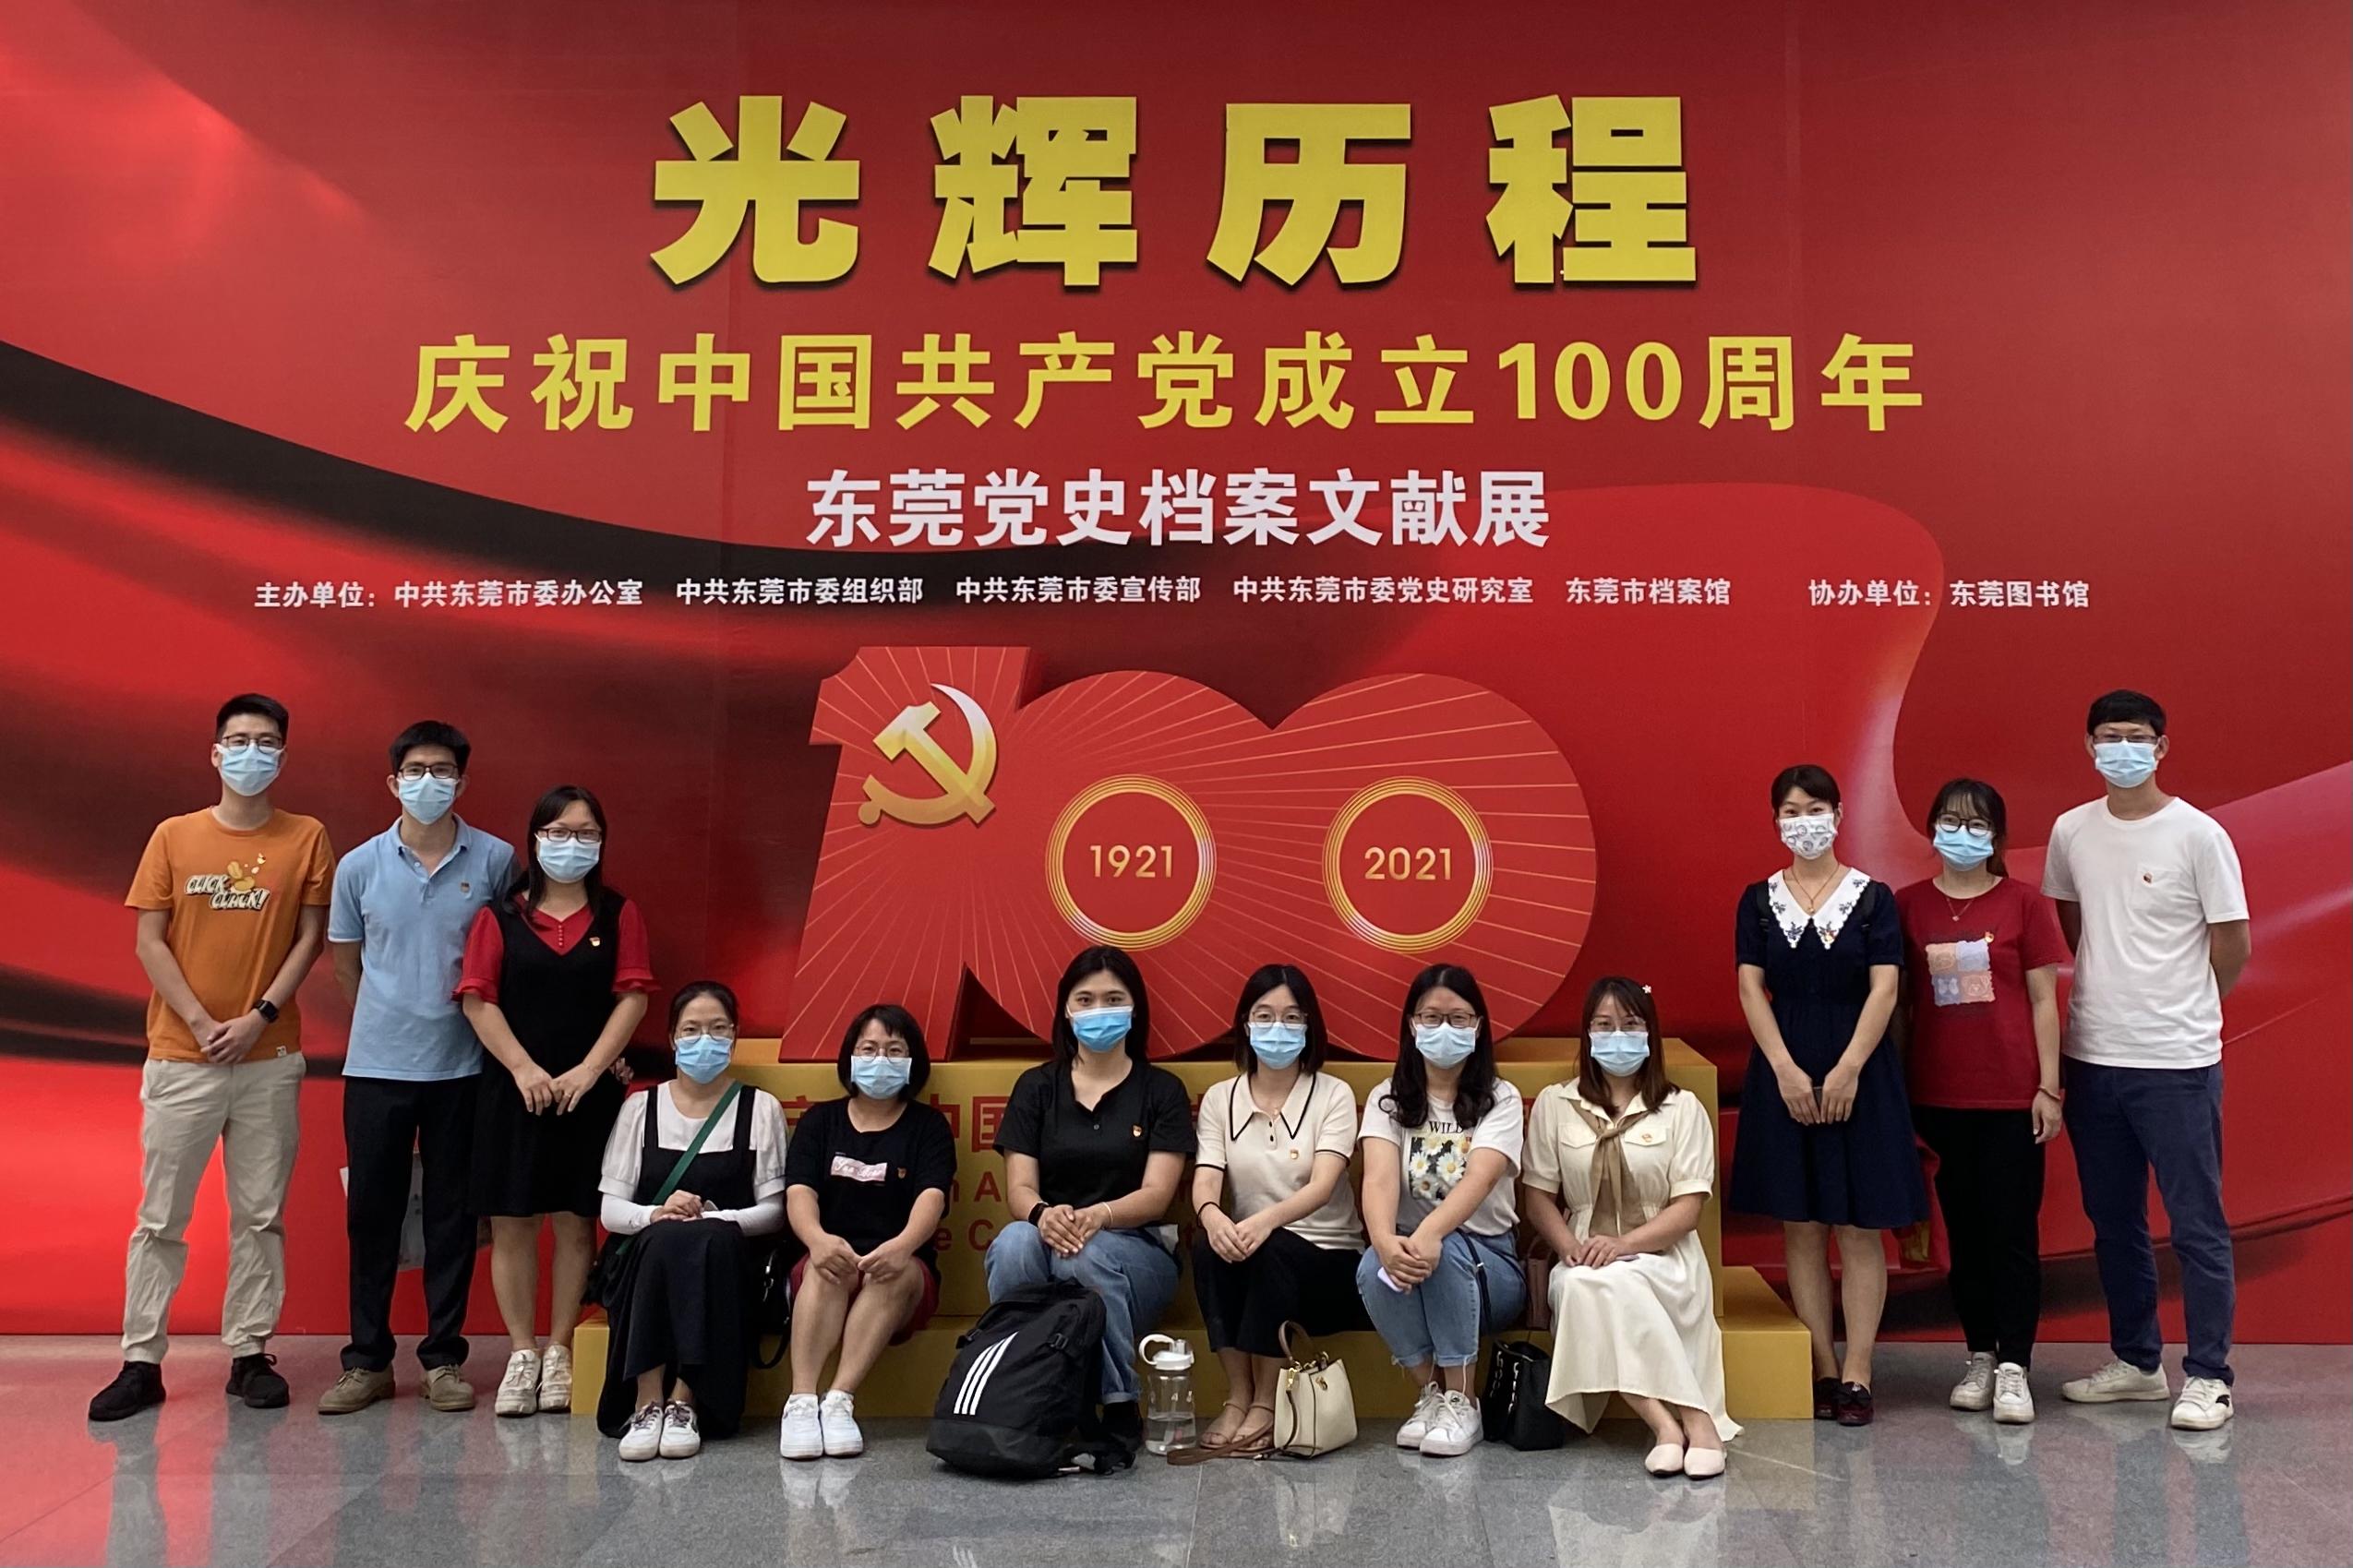 庆建党百年,重温东莞党史,看《中国医生》 ——展能支部7月党日活动